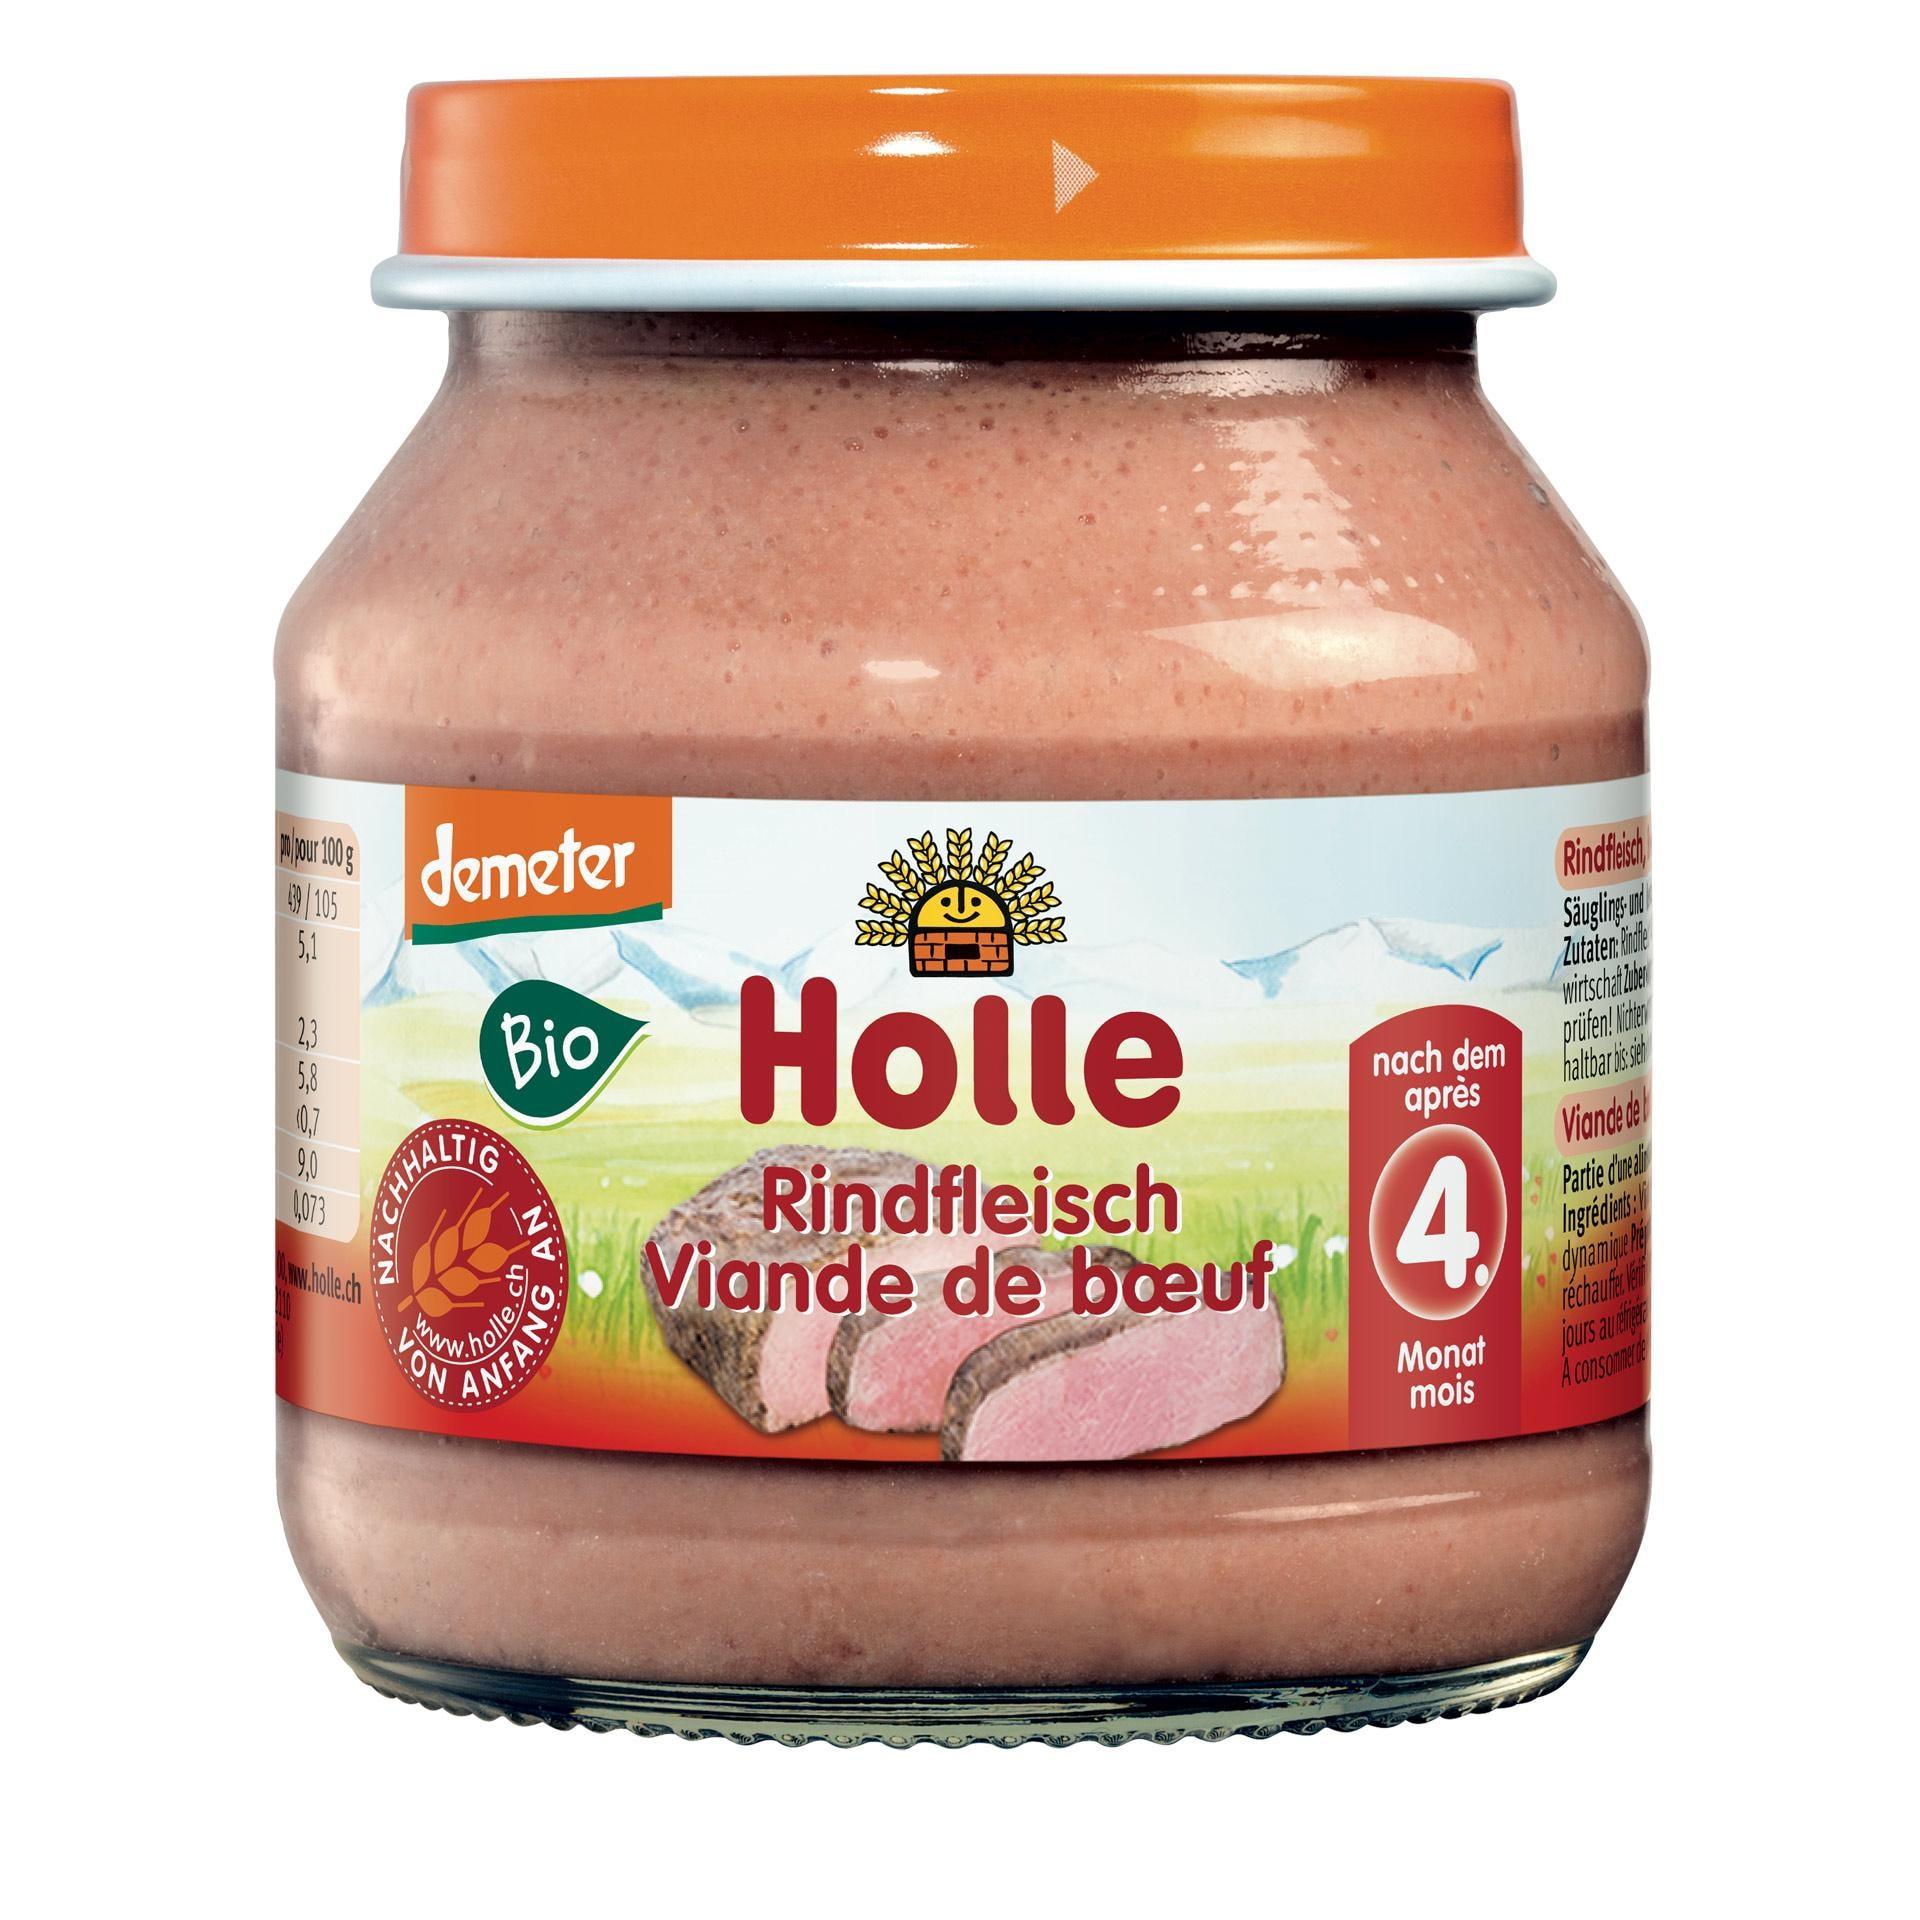 Holle Bio Rindfleisch Demeter Babynahrung 125g